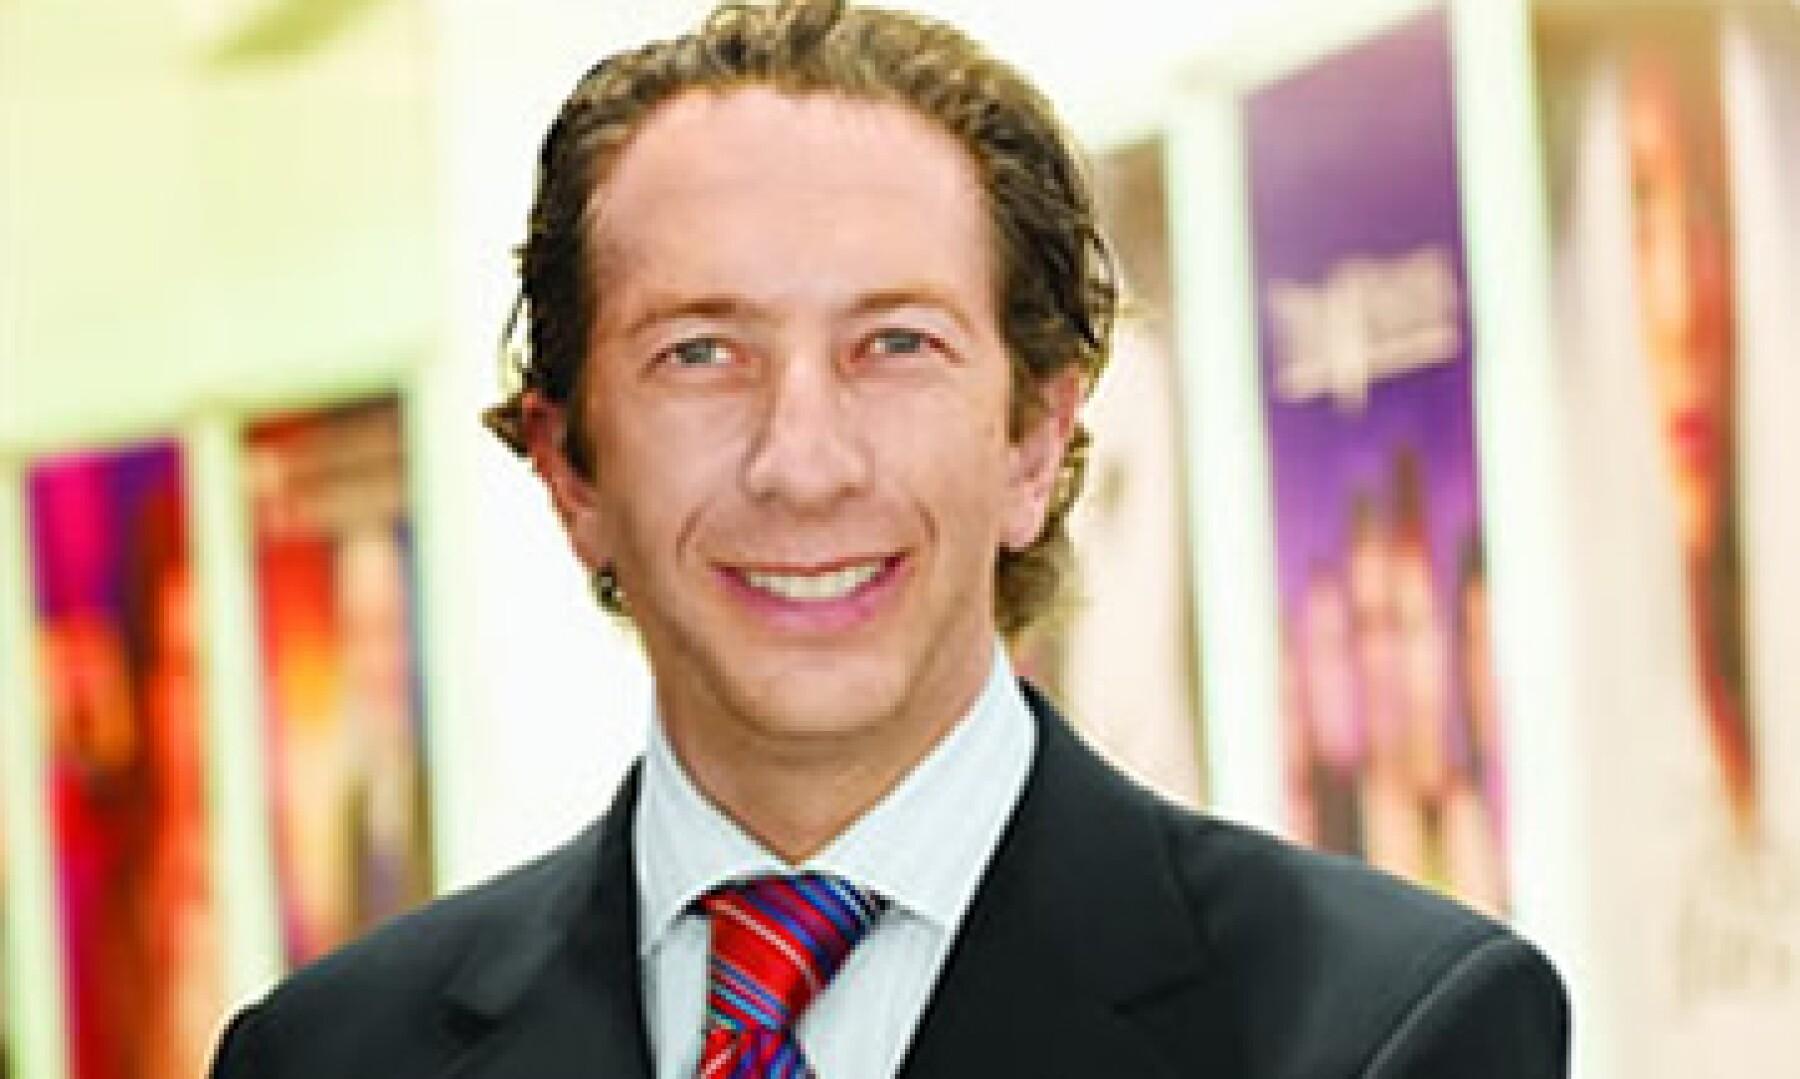 El reto del presidente de Casa Saba es hacer de su empresa una multinacional tras la compra de la farmaceútica chilena Fasa en 2010. (Foto: Mauricio Ramírez)